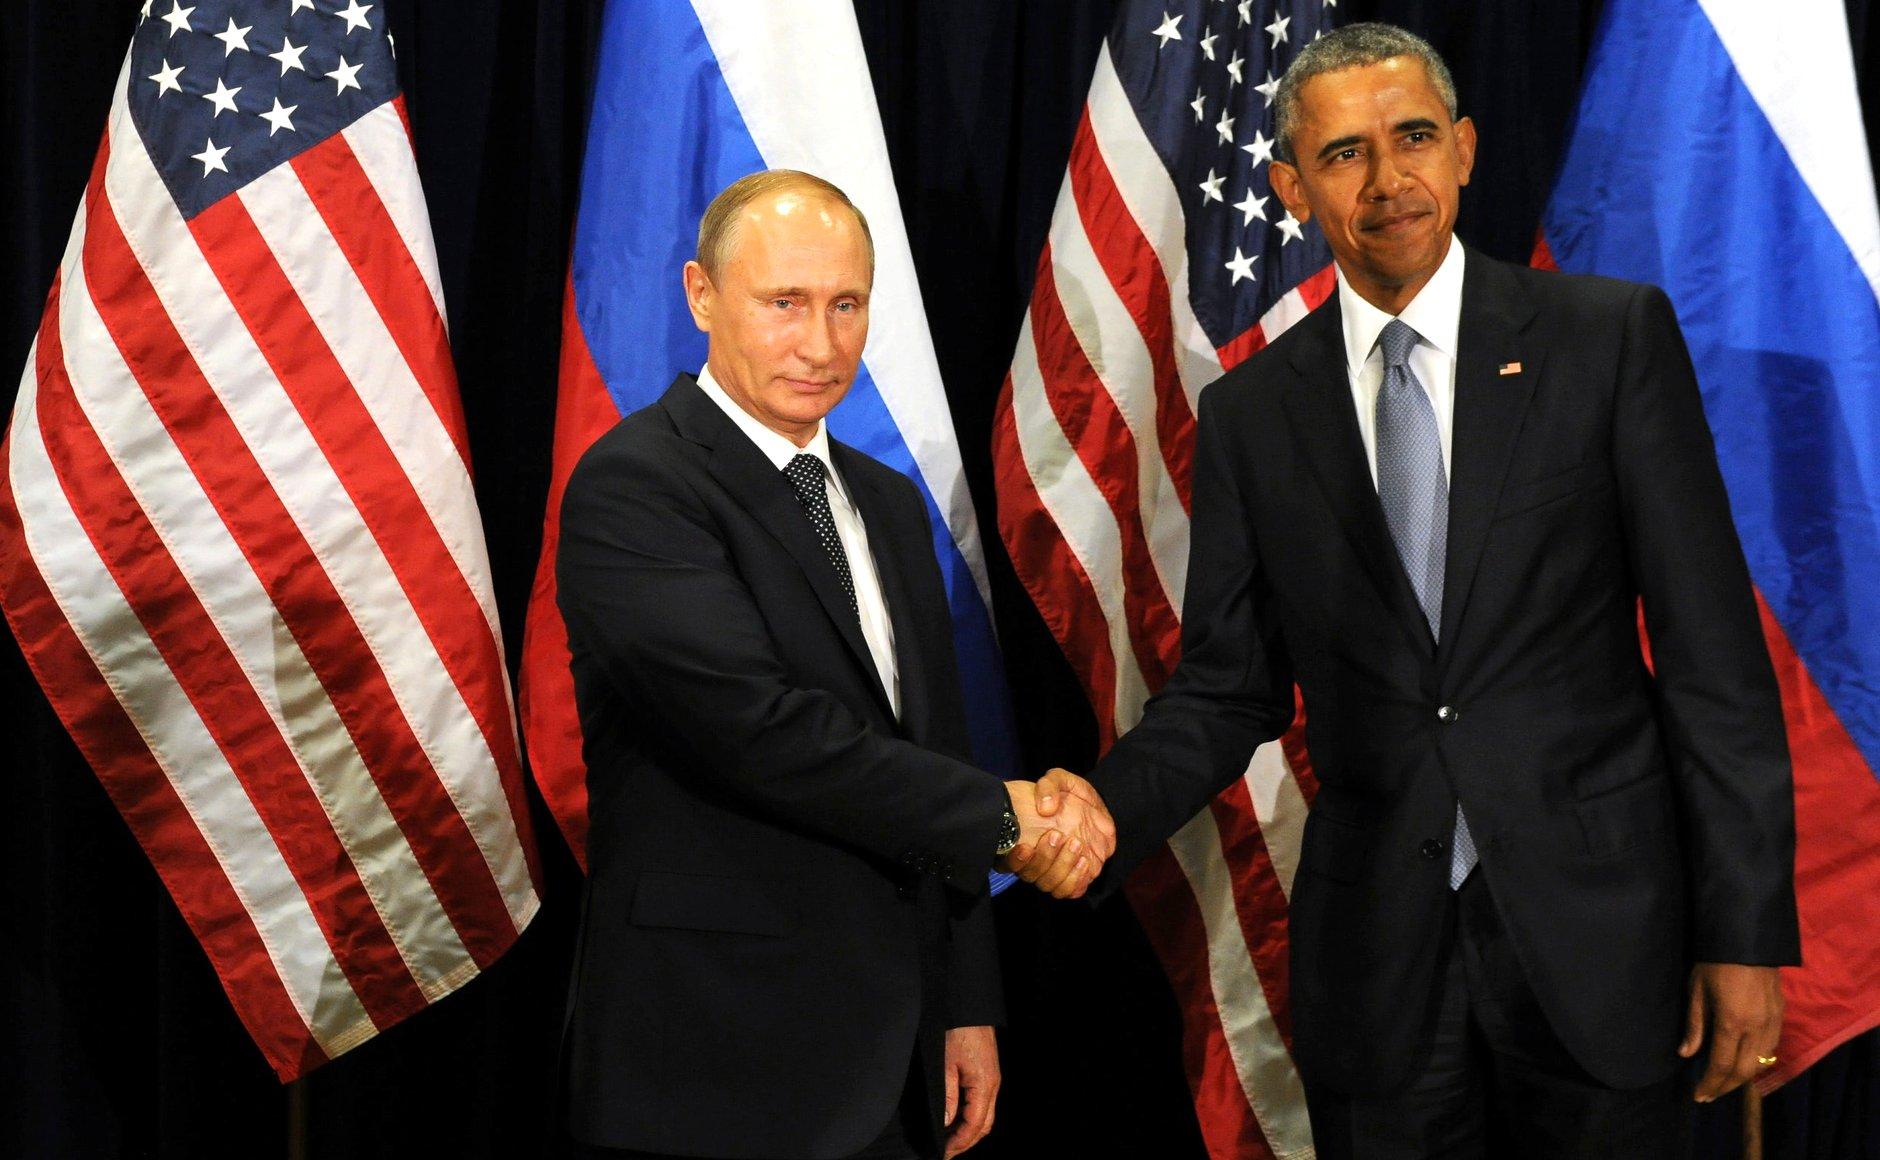 ارتباط مذاکرات روسیه و آمریکا با تحولات حلب/ شرط مسکو برای عملیات مشترک در سوریه